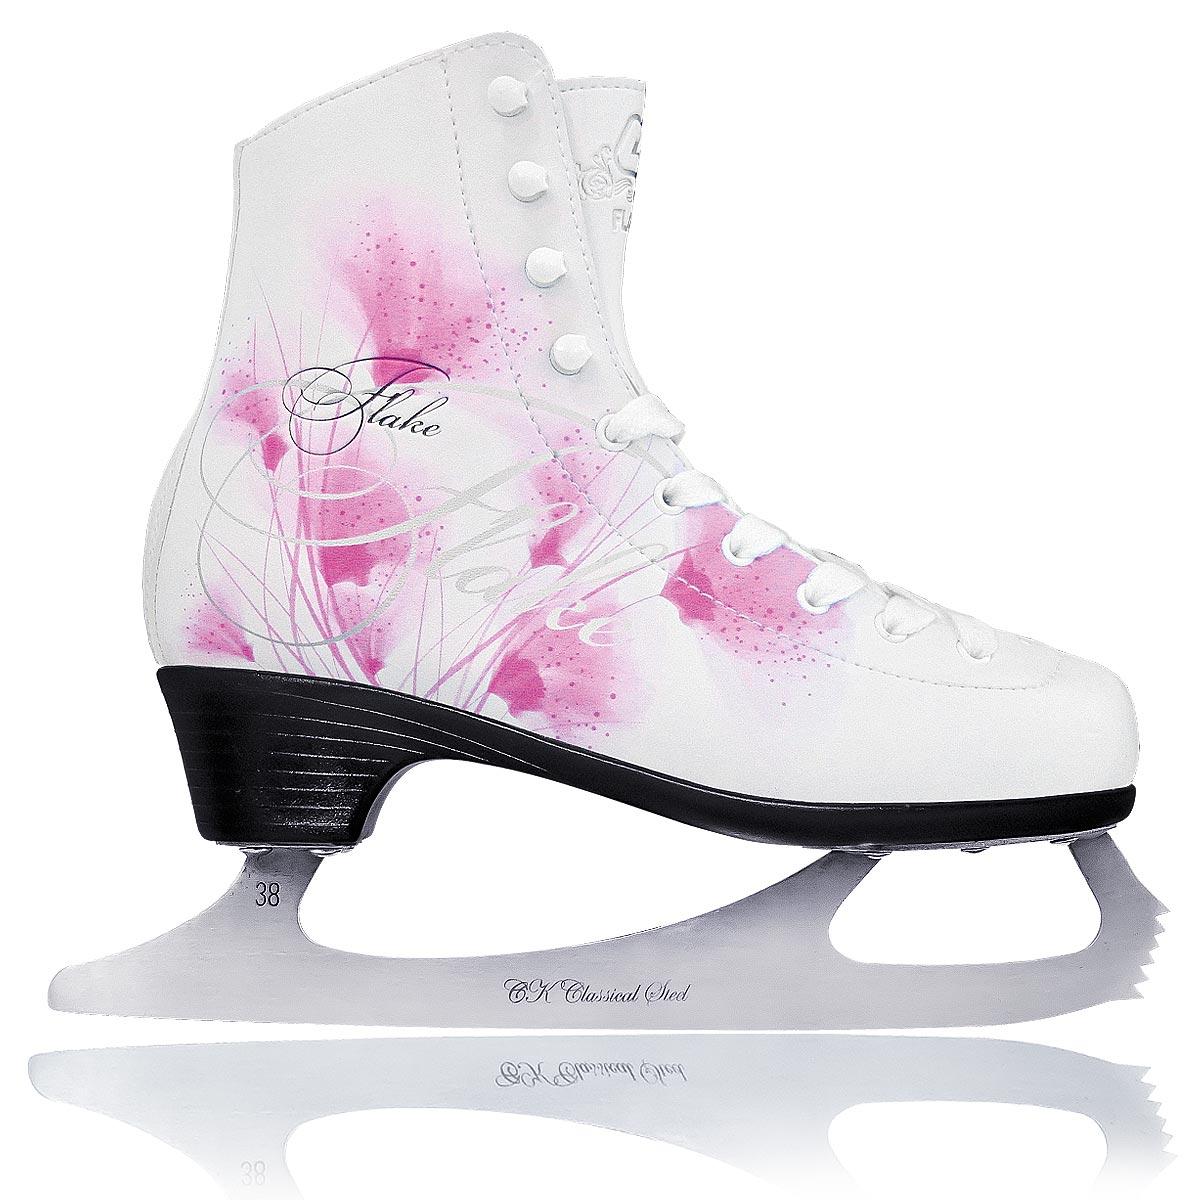 Коньки фигурные для девочки CK Flake Leather, цвет: белый, фуксия. Размер 34FLAKE leather_белый, фуксия_34Фигурные коньки от CK Flake Leather идеально подойдут для любительского катания. Модель выполнена из современной морозоустойчивой искусственной кожи с высокой, плотной колодкой и усиленным задником, обеспечивающим боковую поддержку ноги. Внутренняя поверхность из натуральной кожи обеспечивает удобство во время движения. Анатомический язычок из войлока и искусственной кожи идеально облегает стопу и повышает комфорт. Стелька из упругого пенного полимерного материала EVA предназначена для быстрой адаптации ботинка к индивидуальным формам ноги и ее комфортного положения. Ботинок полностью обволакивает ногу, обеспечивает прочную и удобную фиксацию ноги, а также повышенную защиту от ударов. Модель фиксируется на ноге классической шнуровкой. Лезвие выполнено из нержавеющей стали, оно обладает высокой твердостью и долго держит заточку. Модель имеет запатентованную форму лезвия. Уменьшенная передняя пластина и расположение точек опоры стоек оптимально располагают переднюю точку баланса и позволяют улучшить контроль при опоре на переднюю часть конька. Новая запатентованная подошва Graceful обладает элегантным дизайном, повышенной твердостью и пониженным весом. Более высокий каблук делает ногу более изящной и стройной, а также повышает управляемость и маневренность конька.